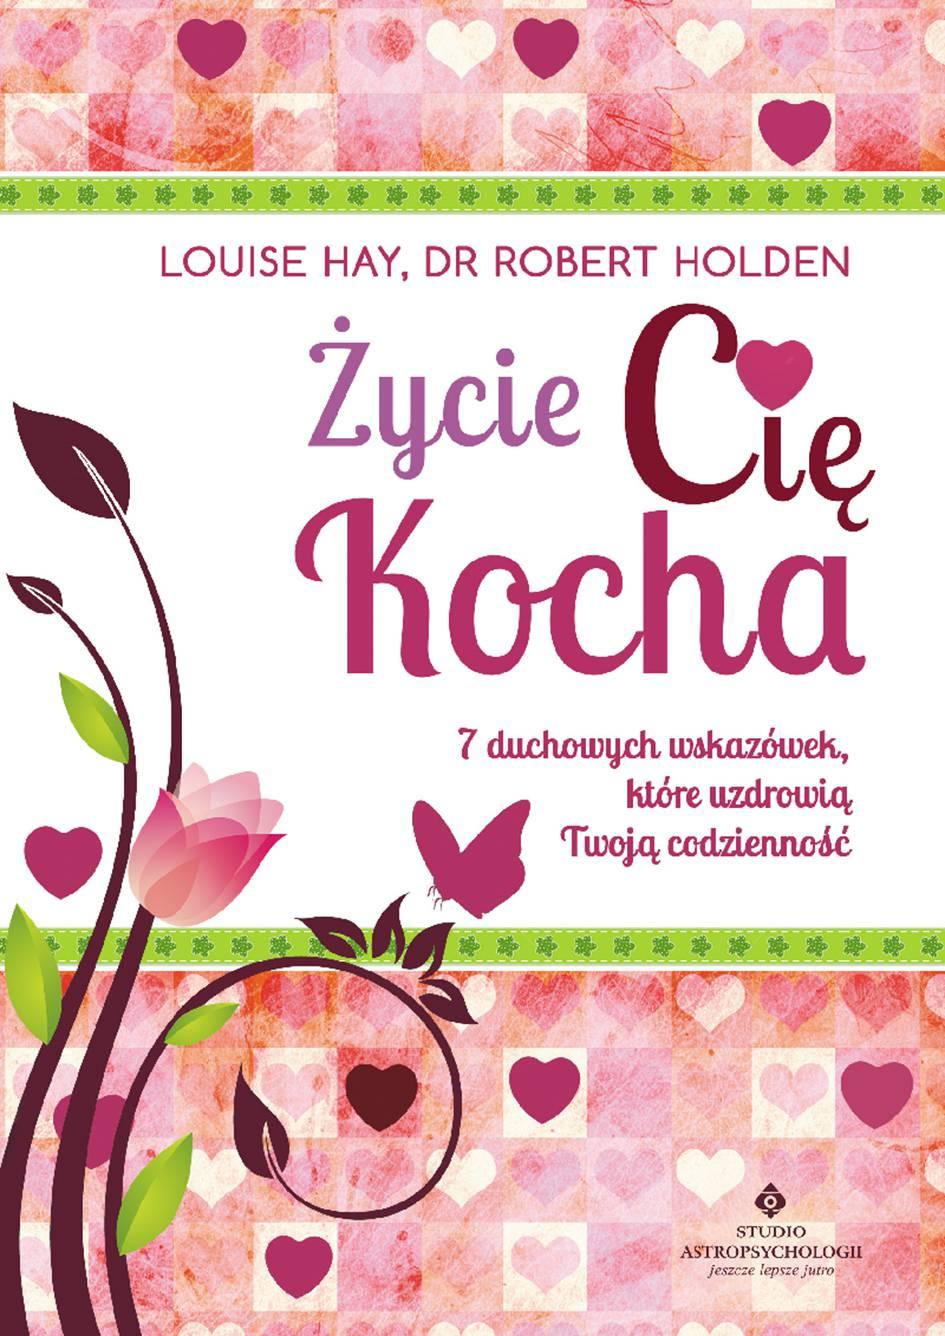 Życie Cię kocha. 7 duchowych wskazówek, które uzdrowią Twoją codzienność - Ebook (Książka na Kindle) do pobrania w formacie MOBI